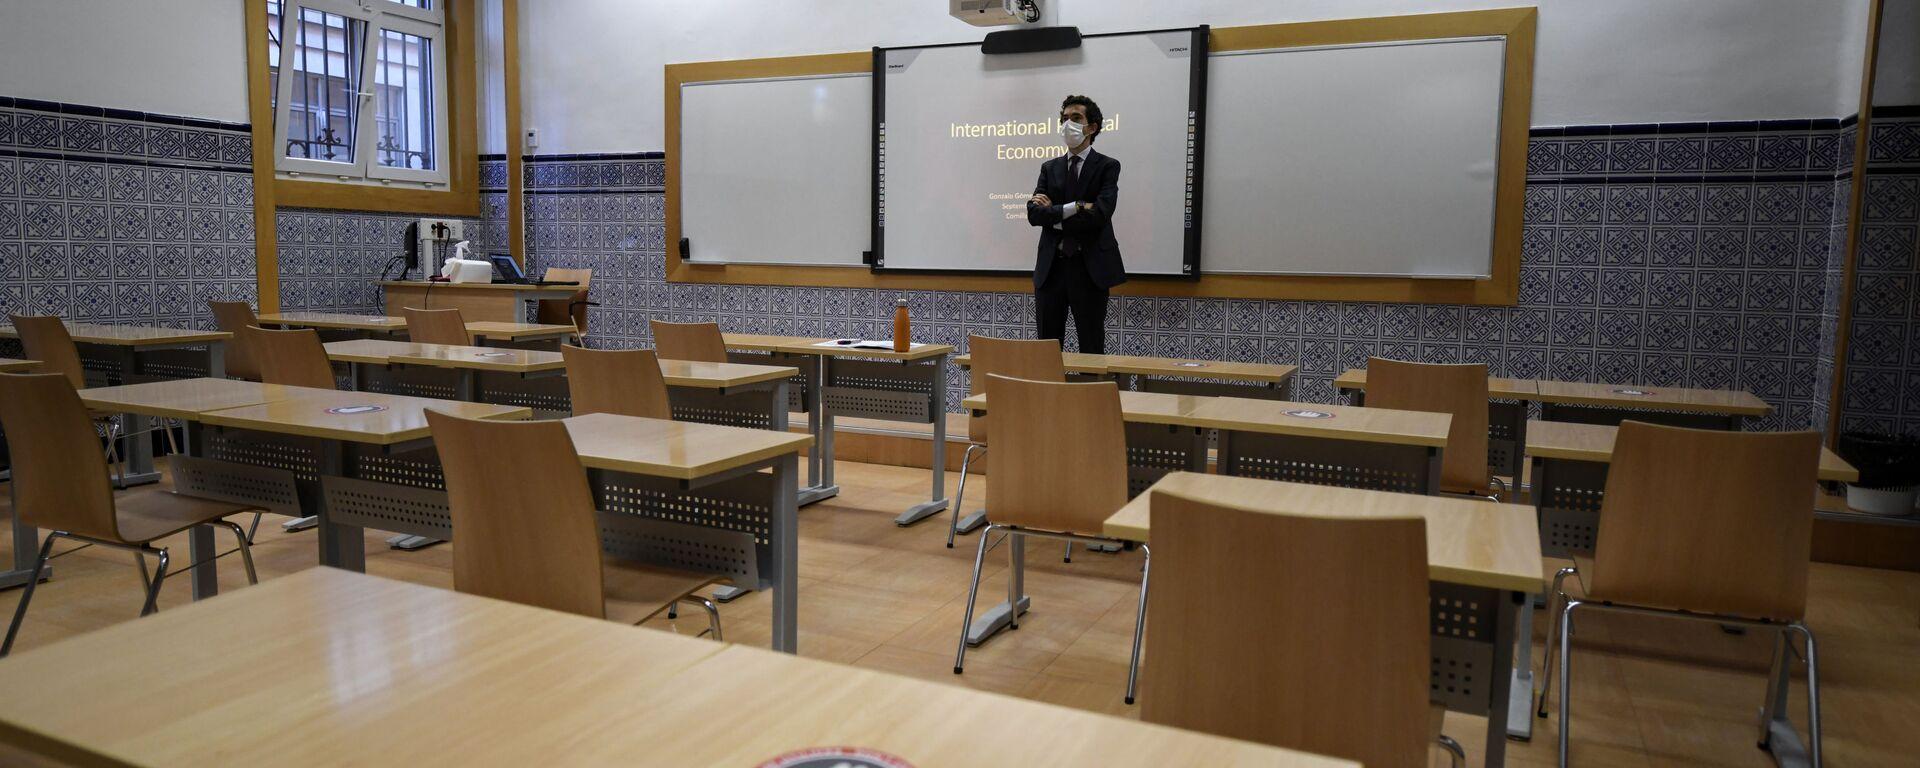 Foto referencial de un aula vacía - Sputnik Mundo, 1920, 23.02.2021